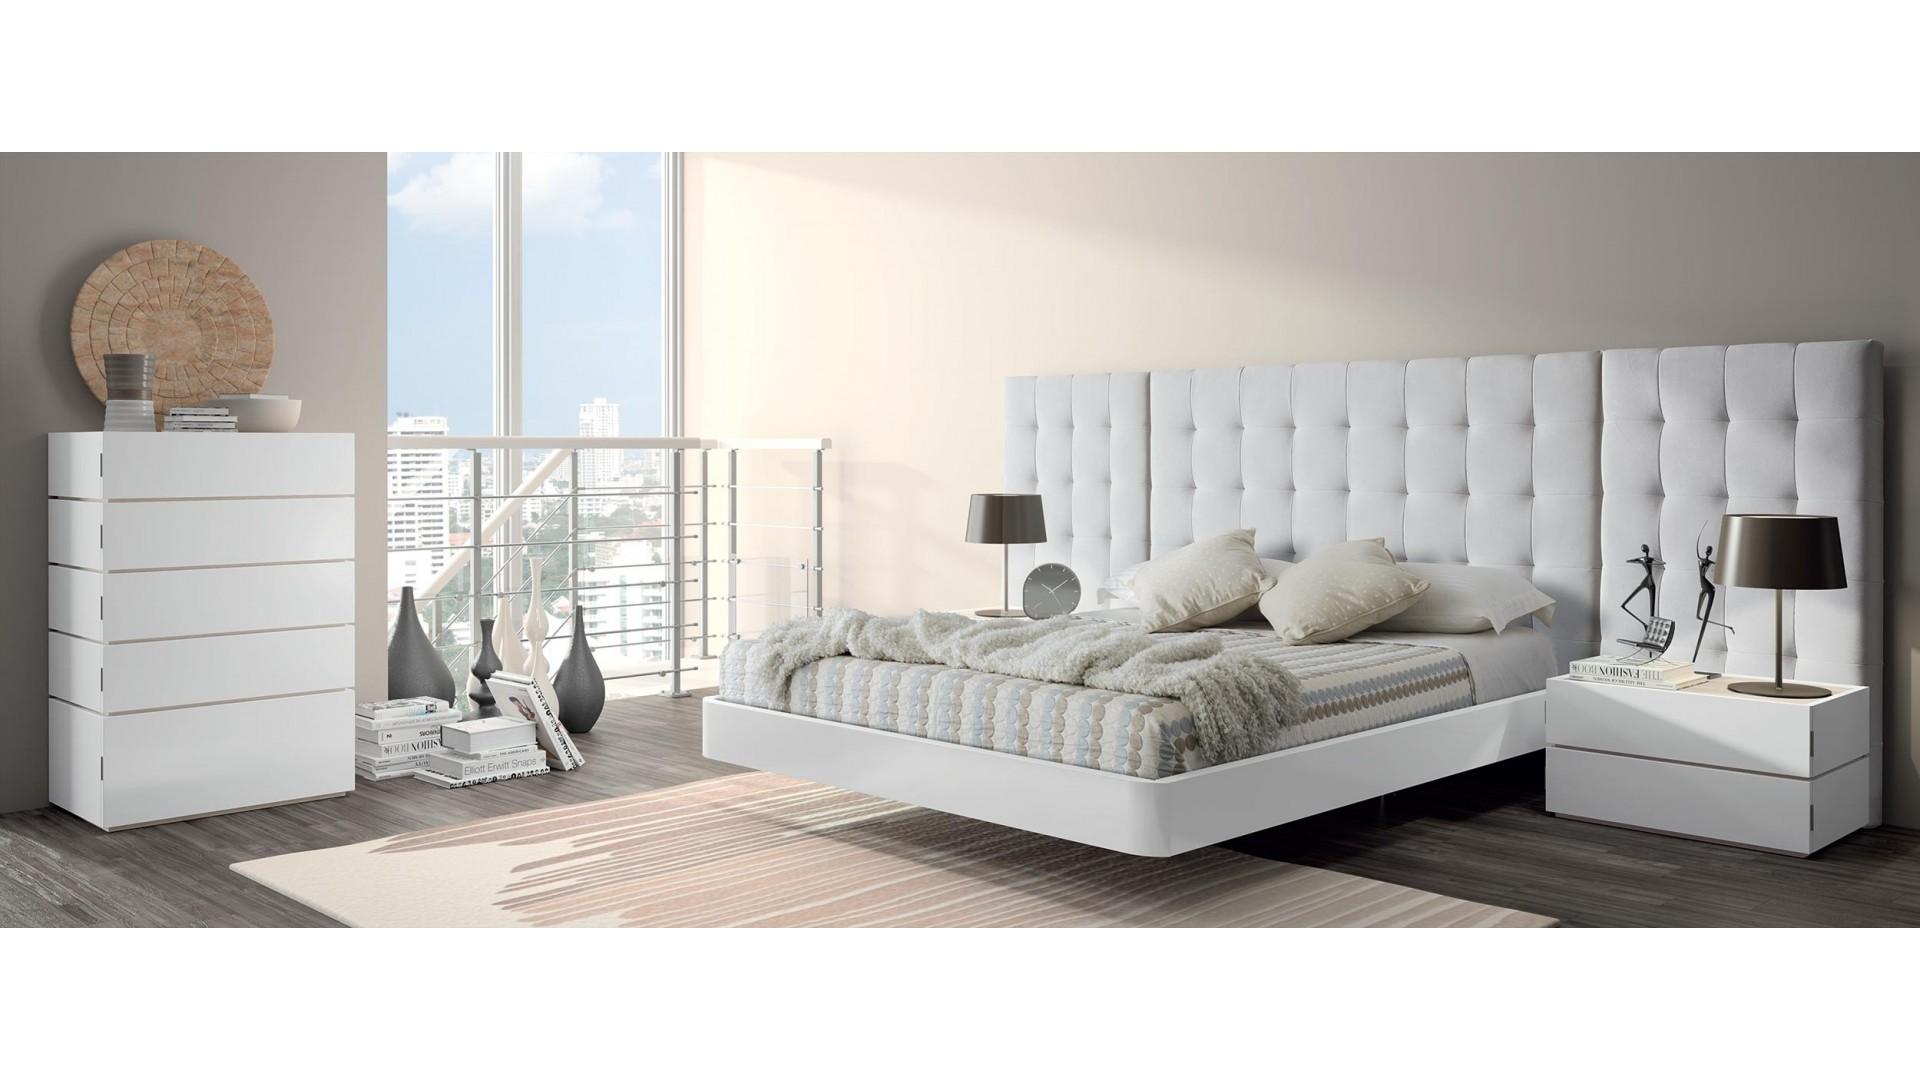 Miegamojo-kambario-baldai-lovos-miegamojo